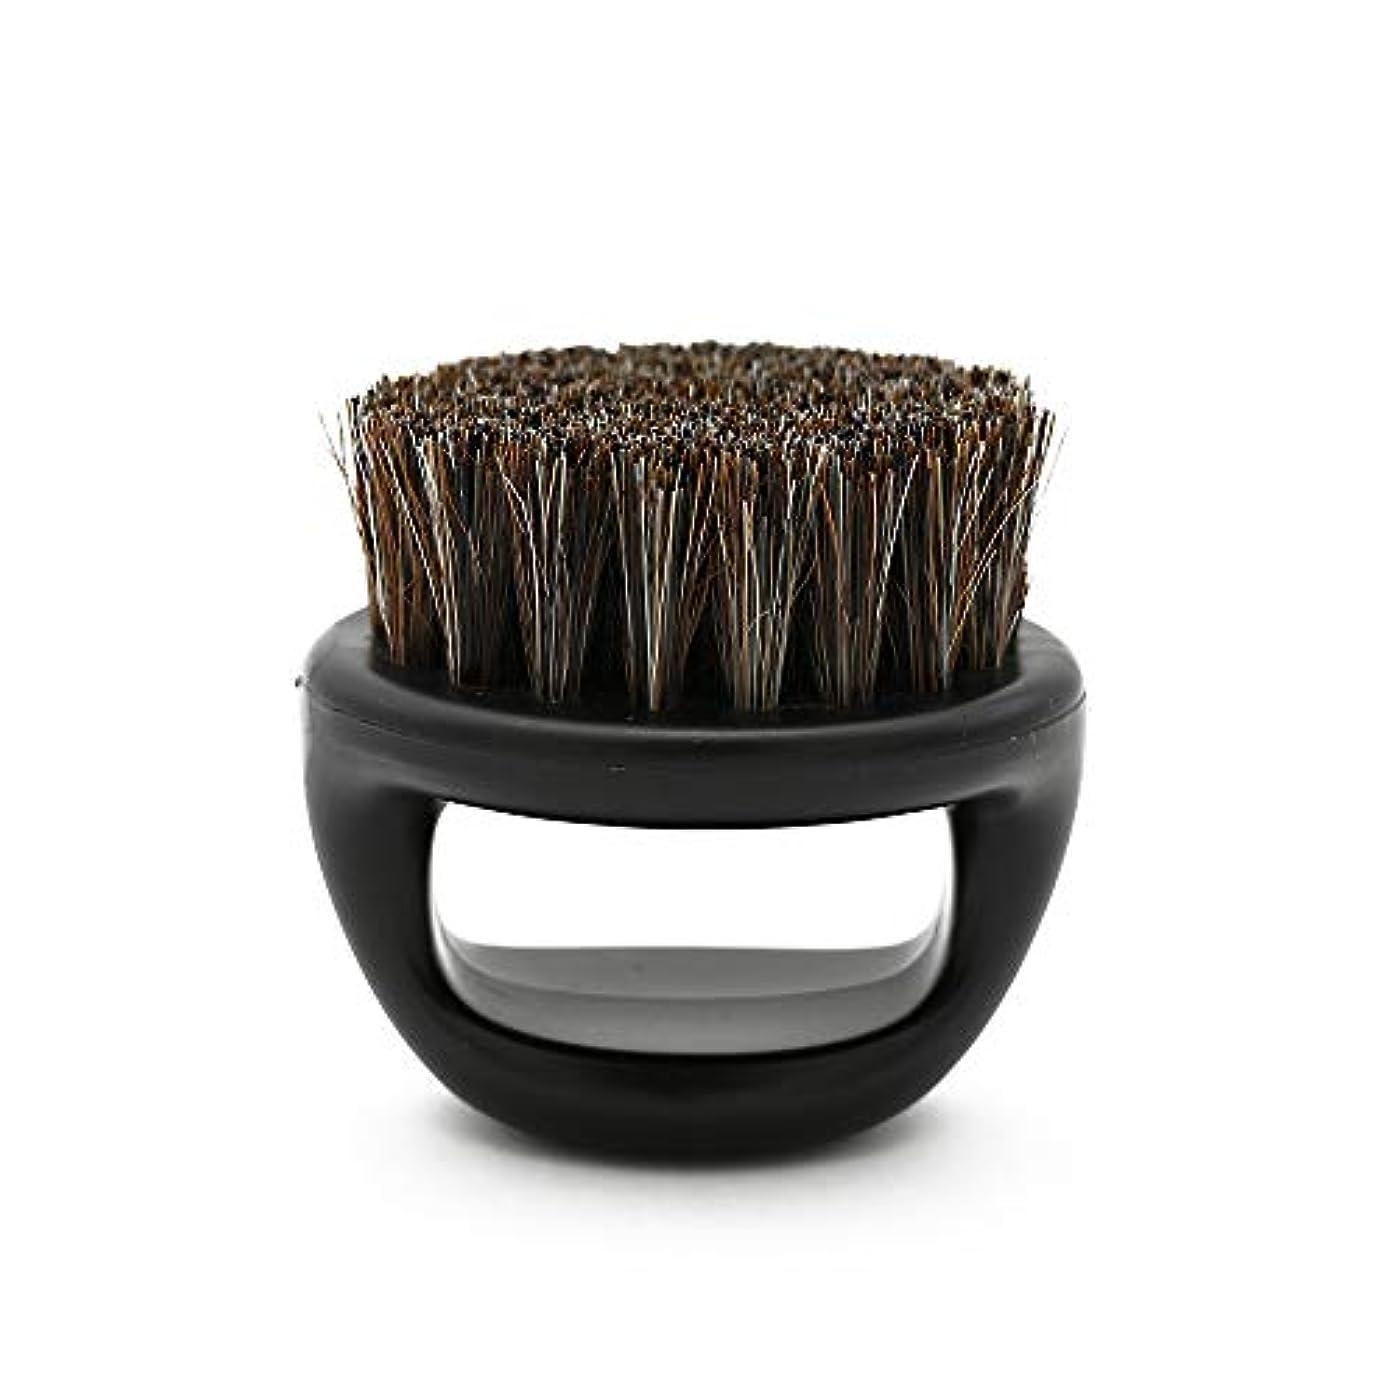 データムオーディション仮定Naliovker 1個リングデザイン馬毛メンズシェービングブラシプラスチック製の可搬式理容ひげブラシサロンフェイスクリーニングかみそりブラシ(ブラック)